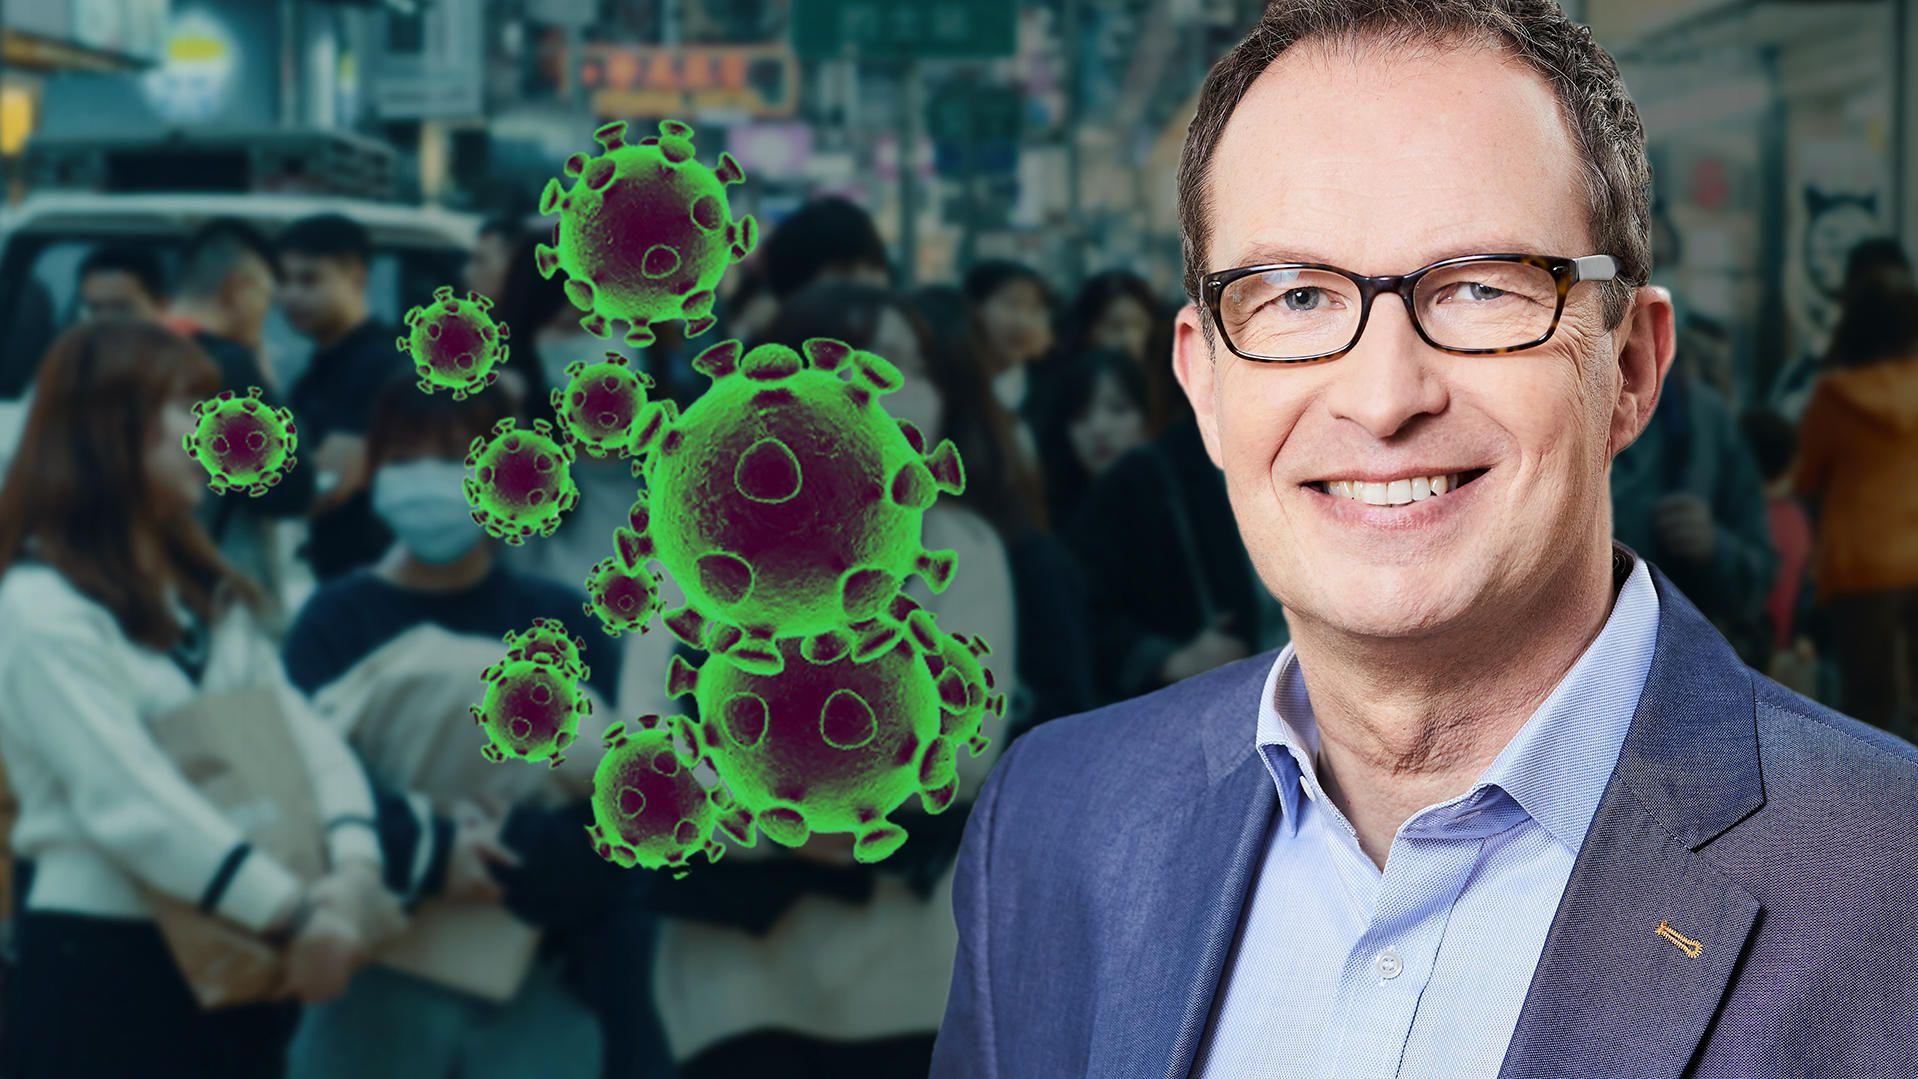 Wie lange überleben hiv viren im wasser